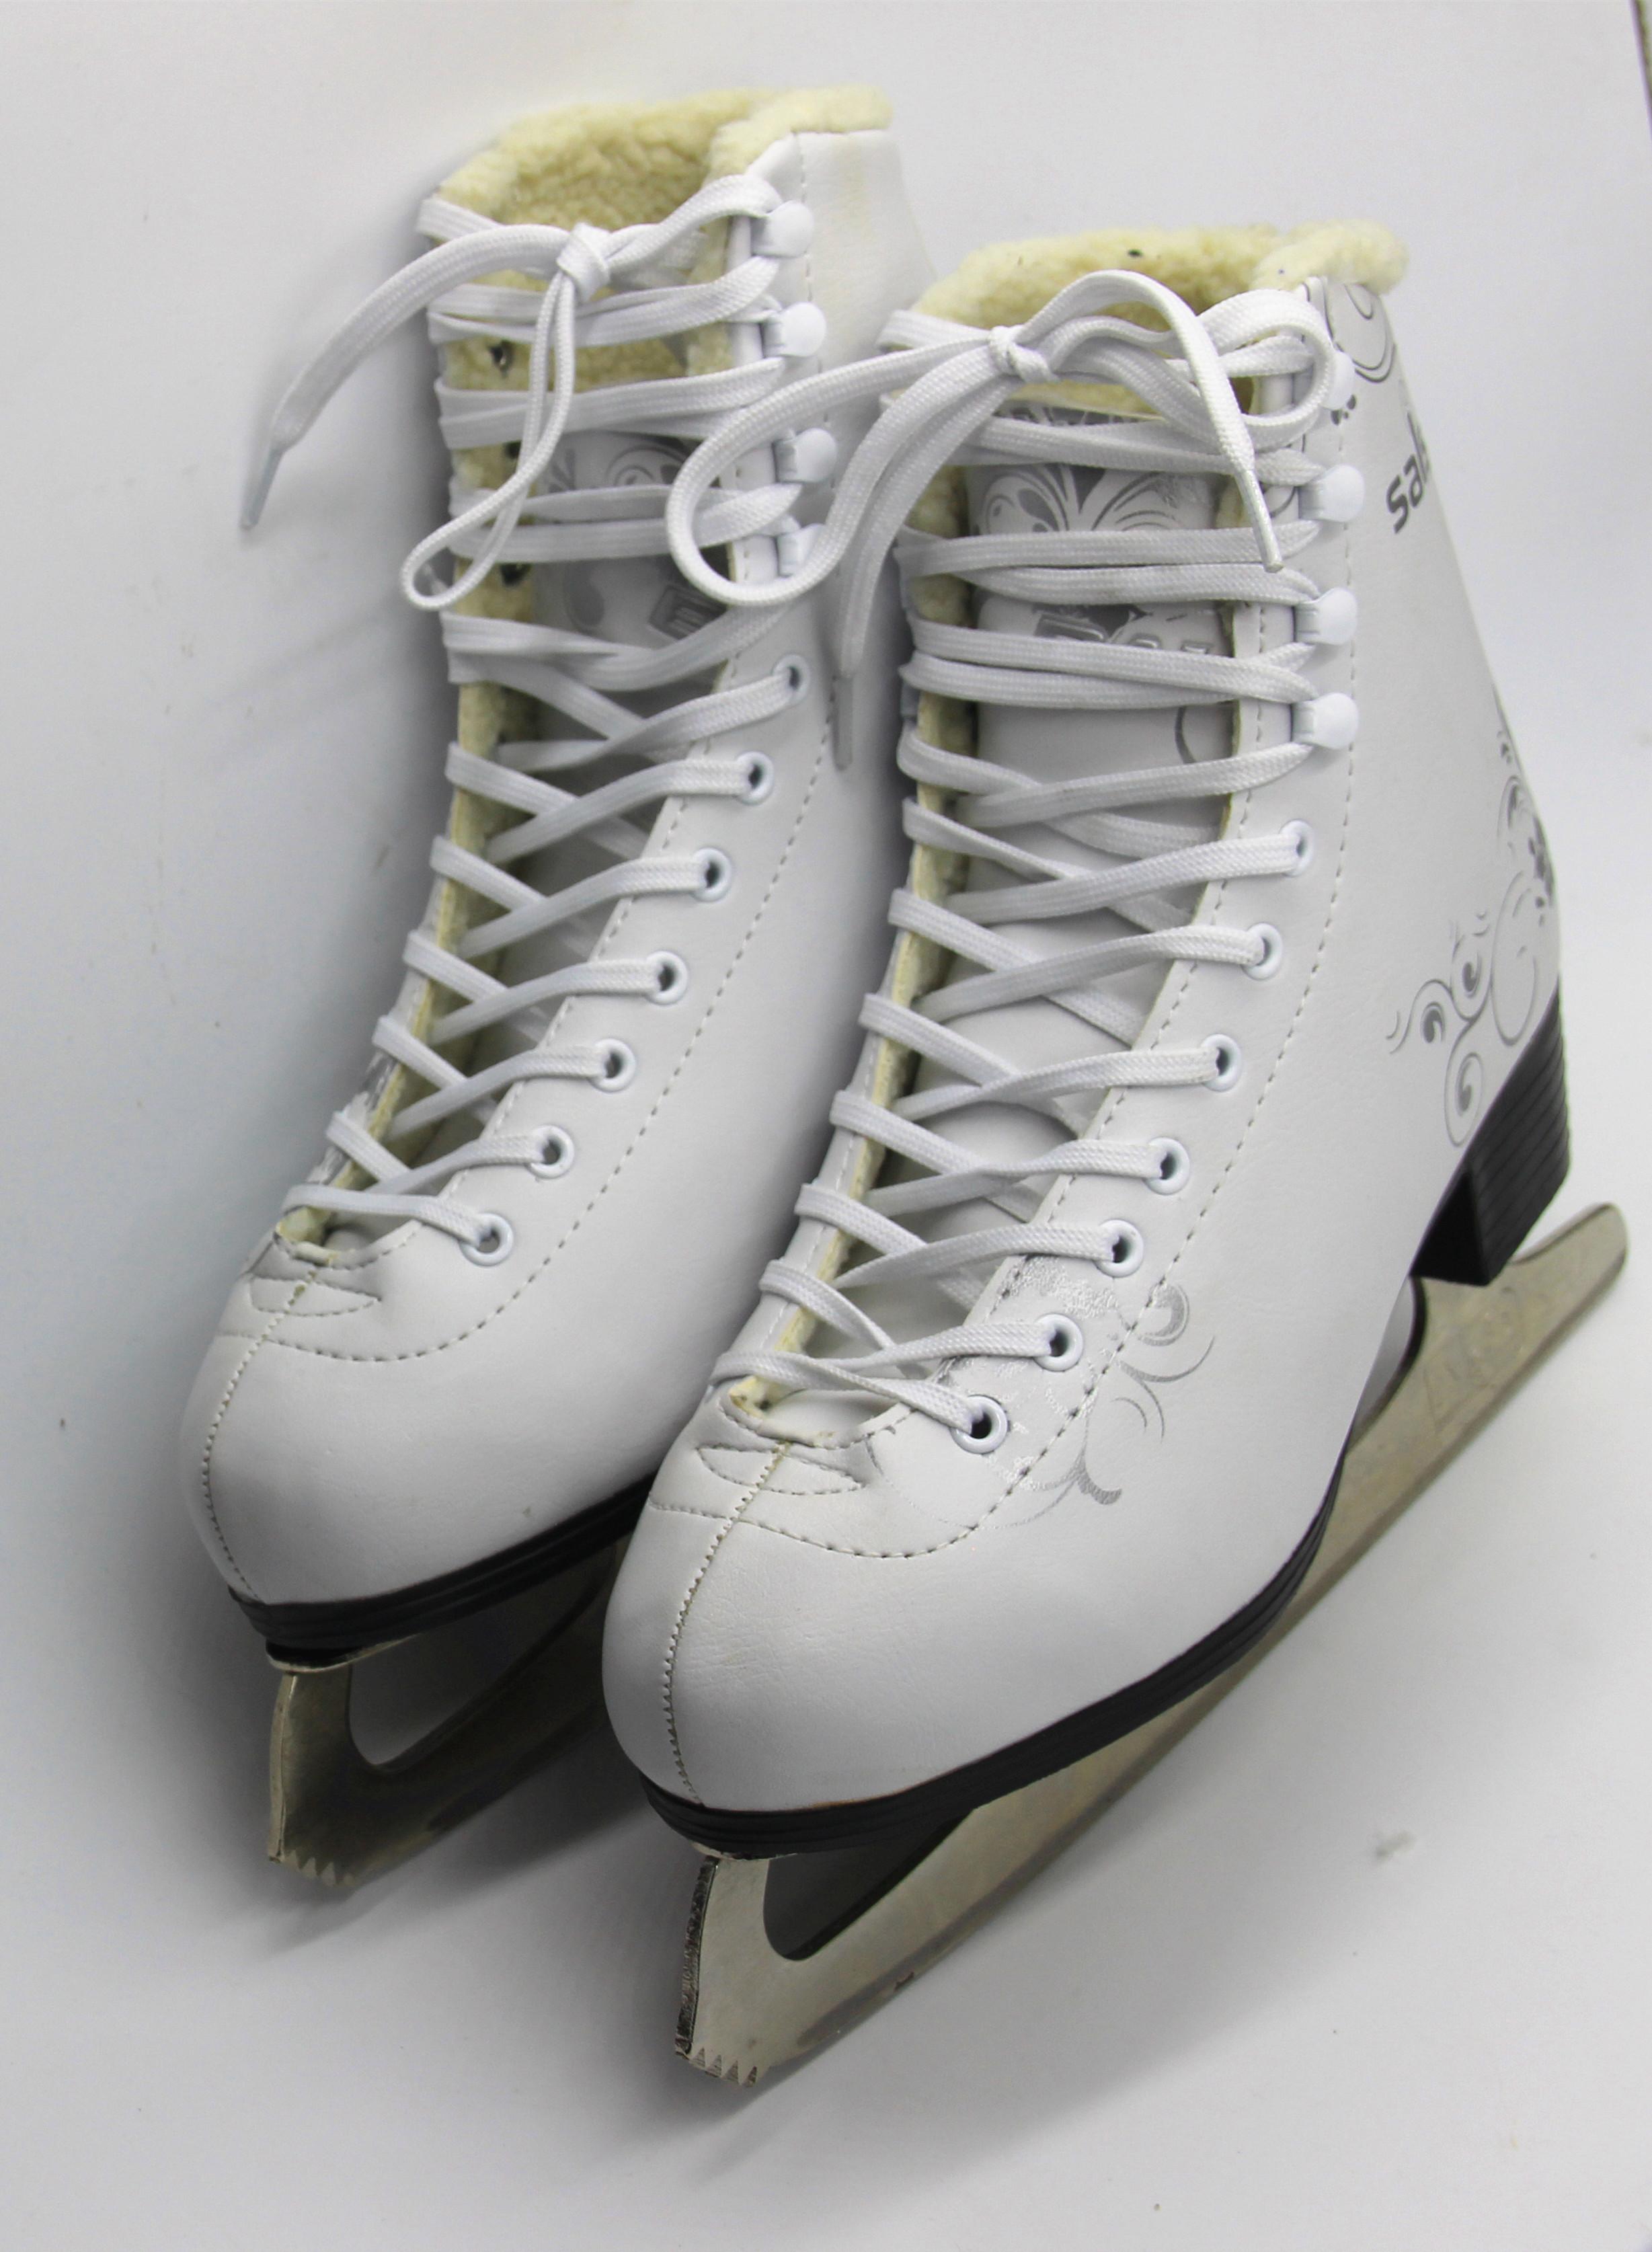 Коньки Электронной почте бай desaersa начинающих сальса фантазии взрослого коньках обувь теплого водяного льда коньки